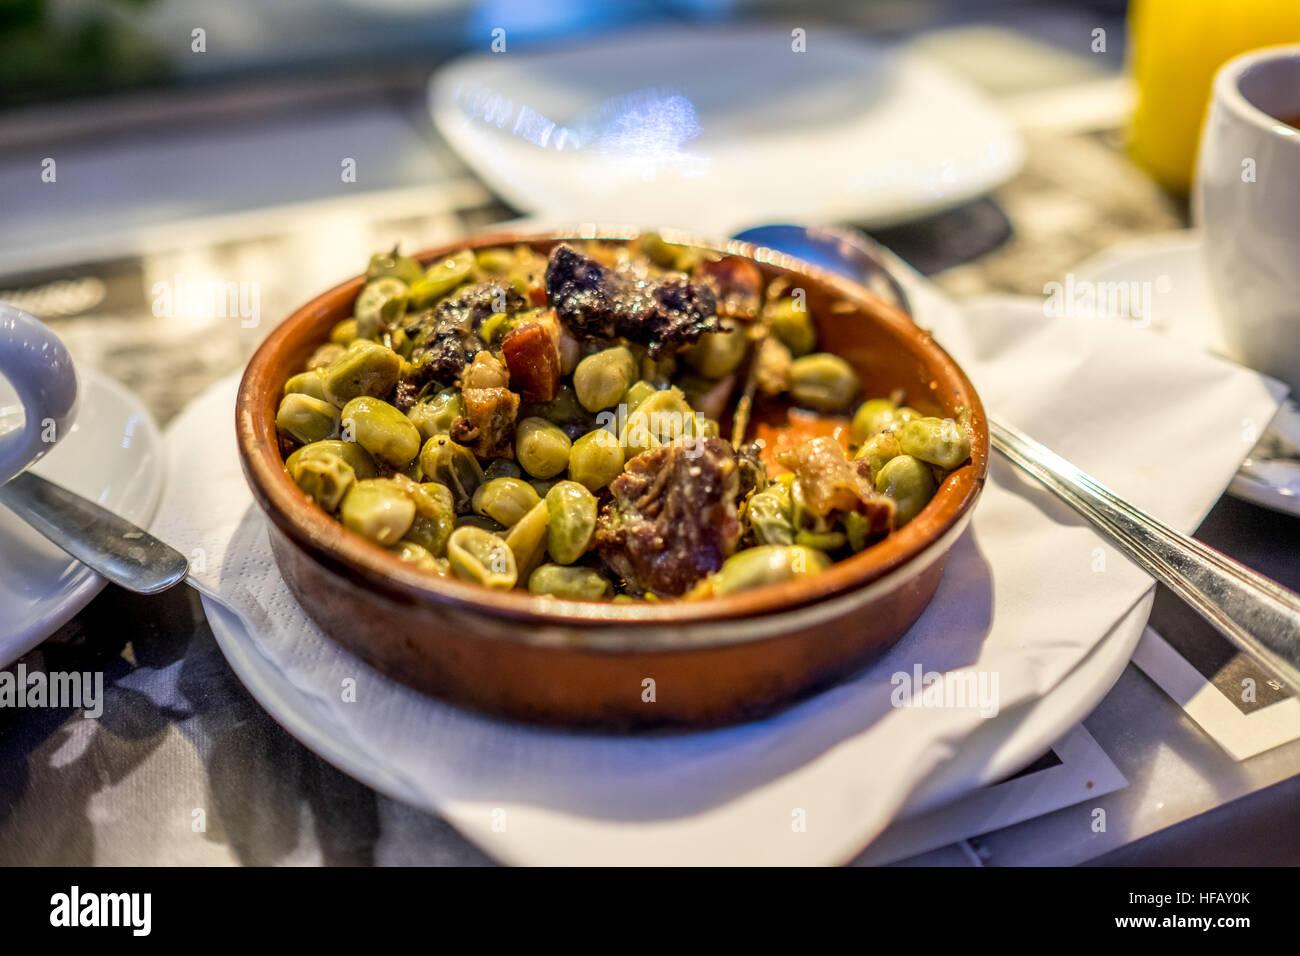 L'espagnol et de haricots ragoût de saucisses. Photo Stock